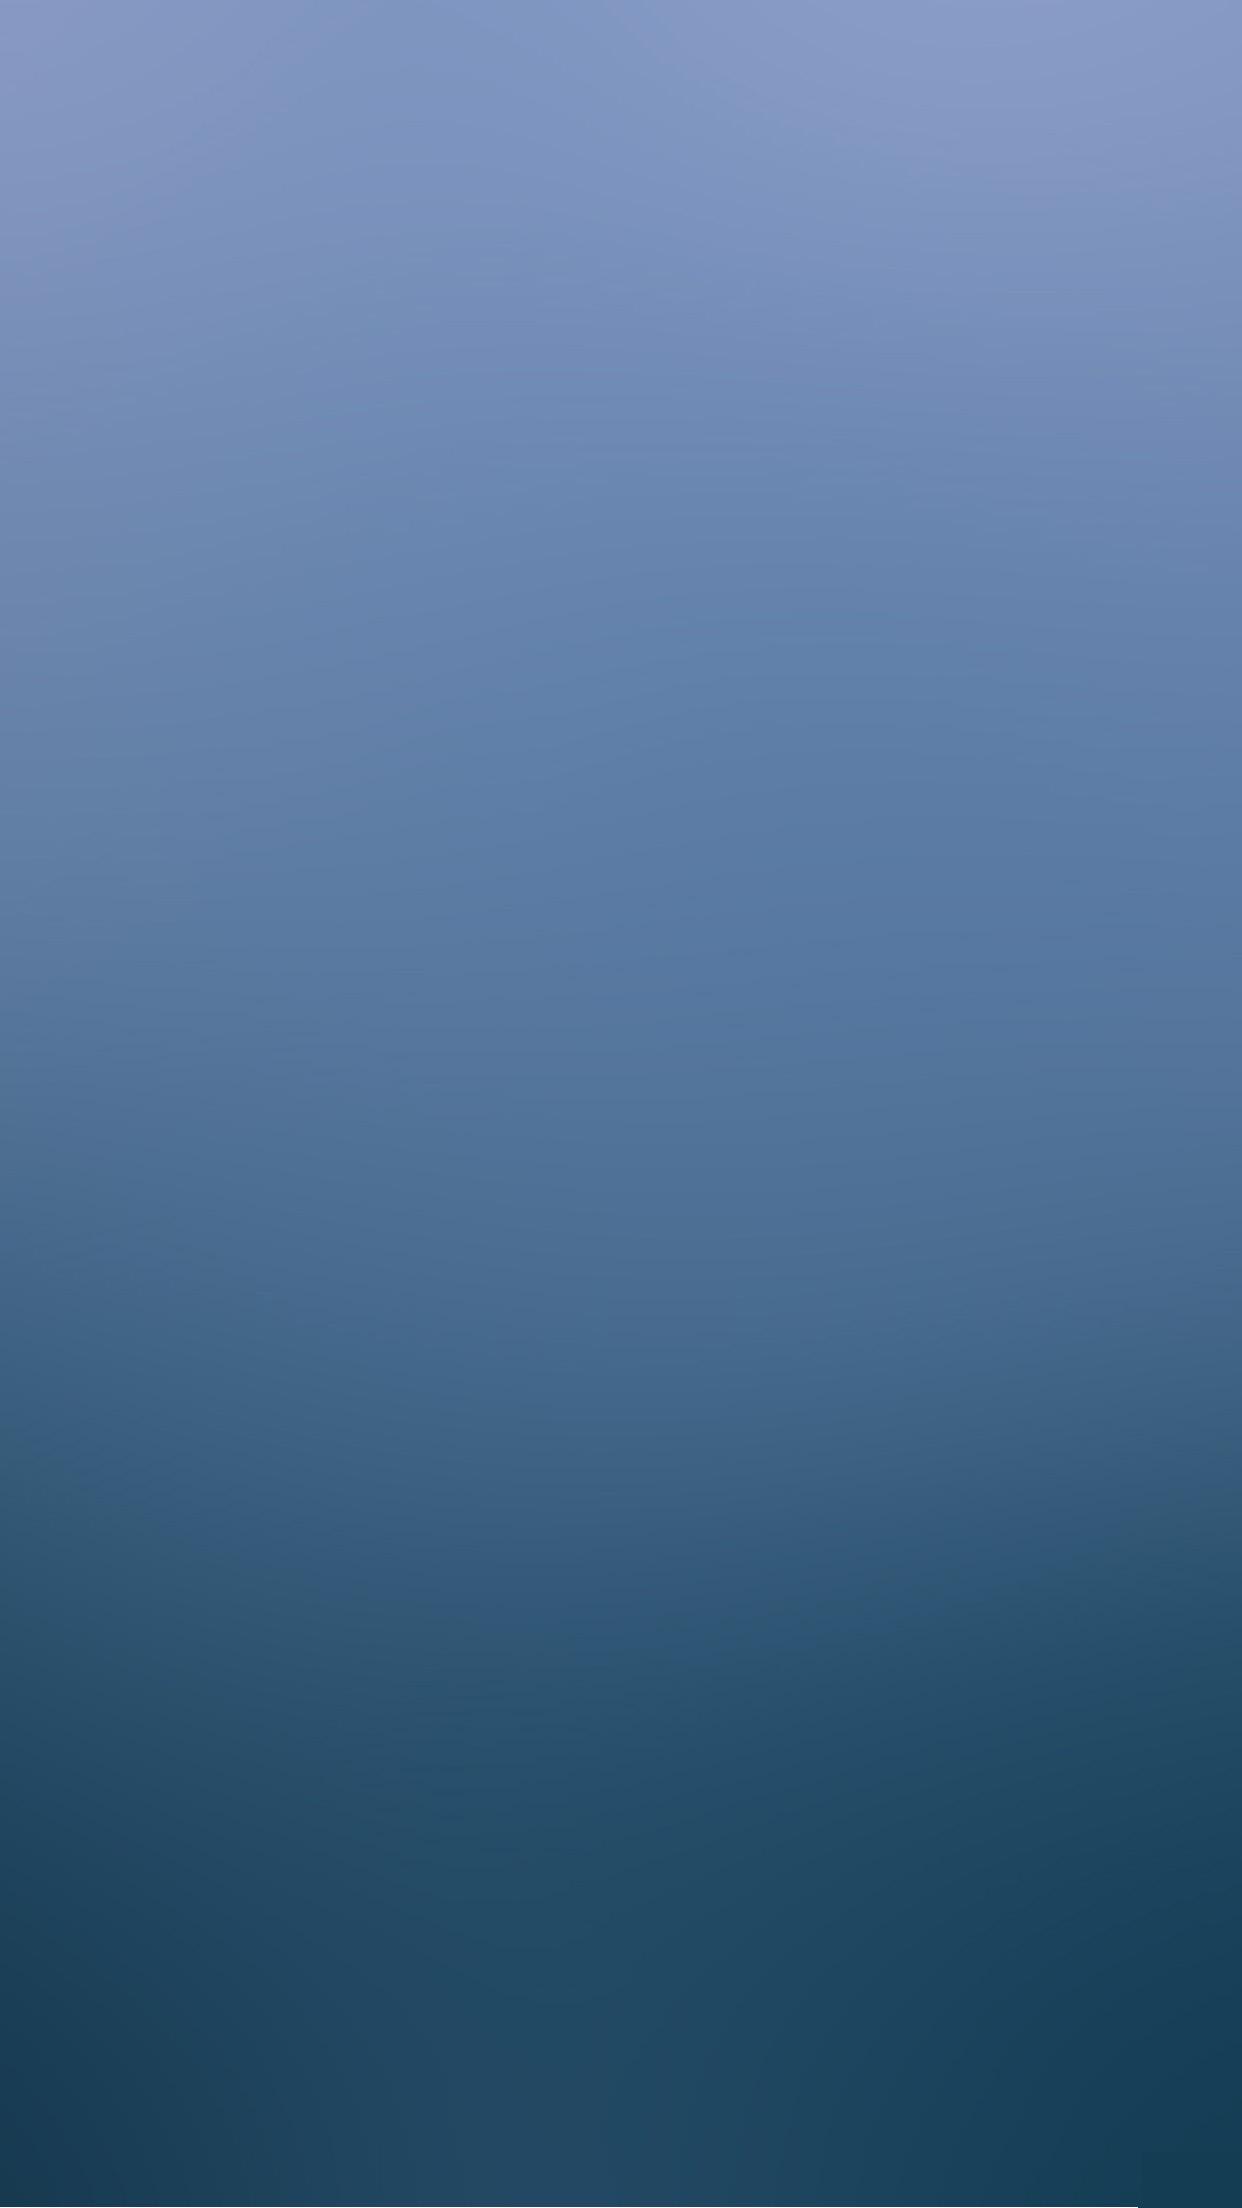 群青色のグラデーション Iphone6壁紙 Wallpaperbox